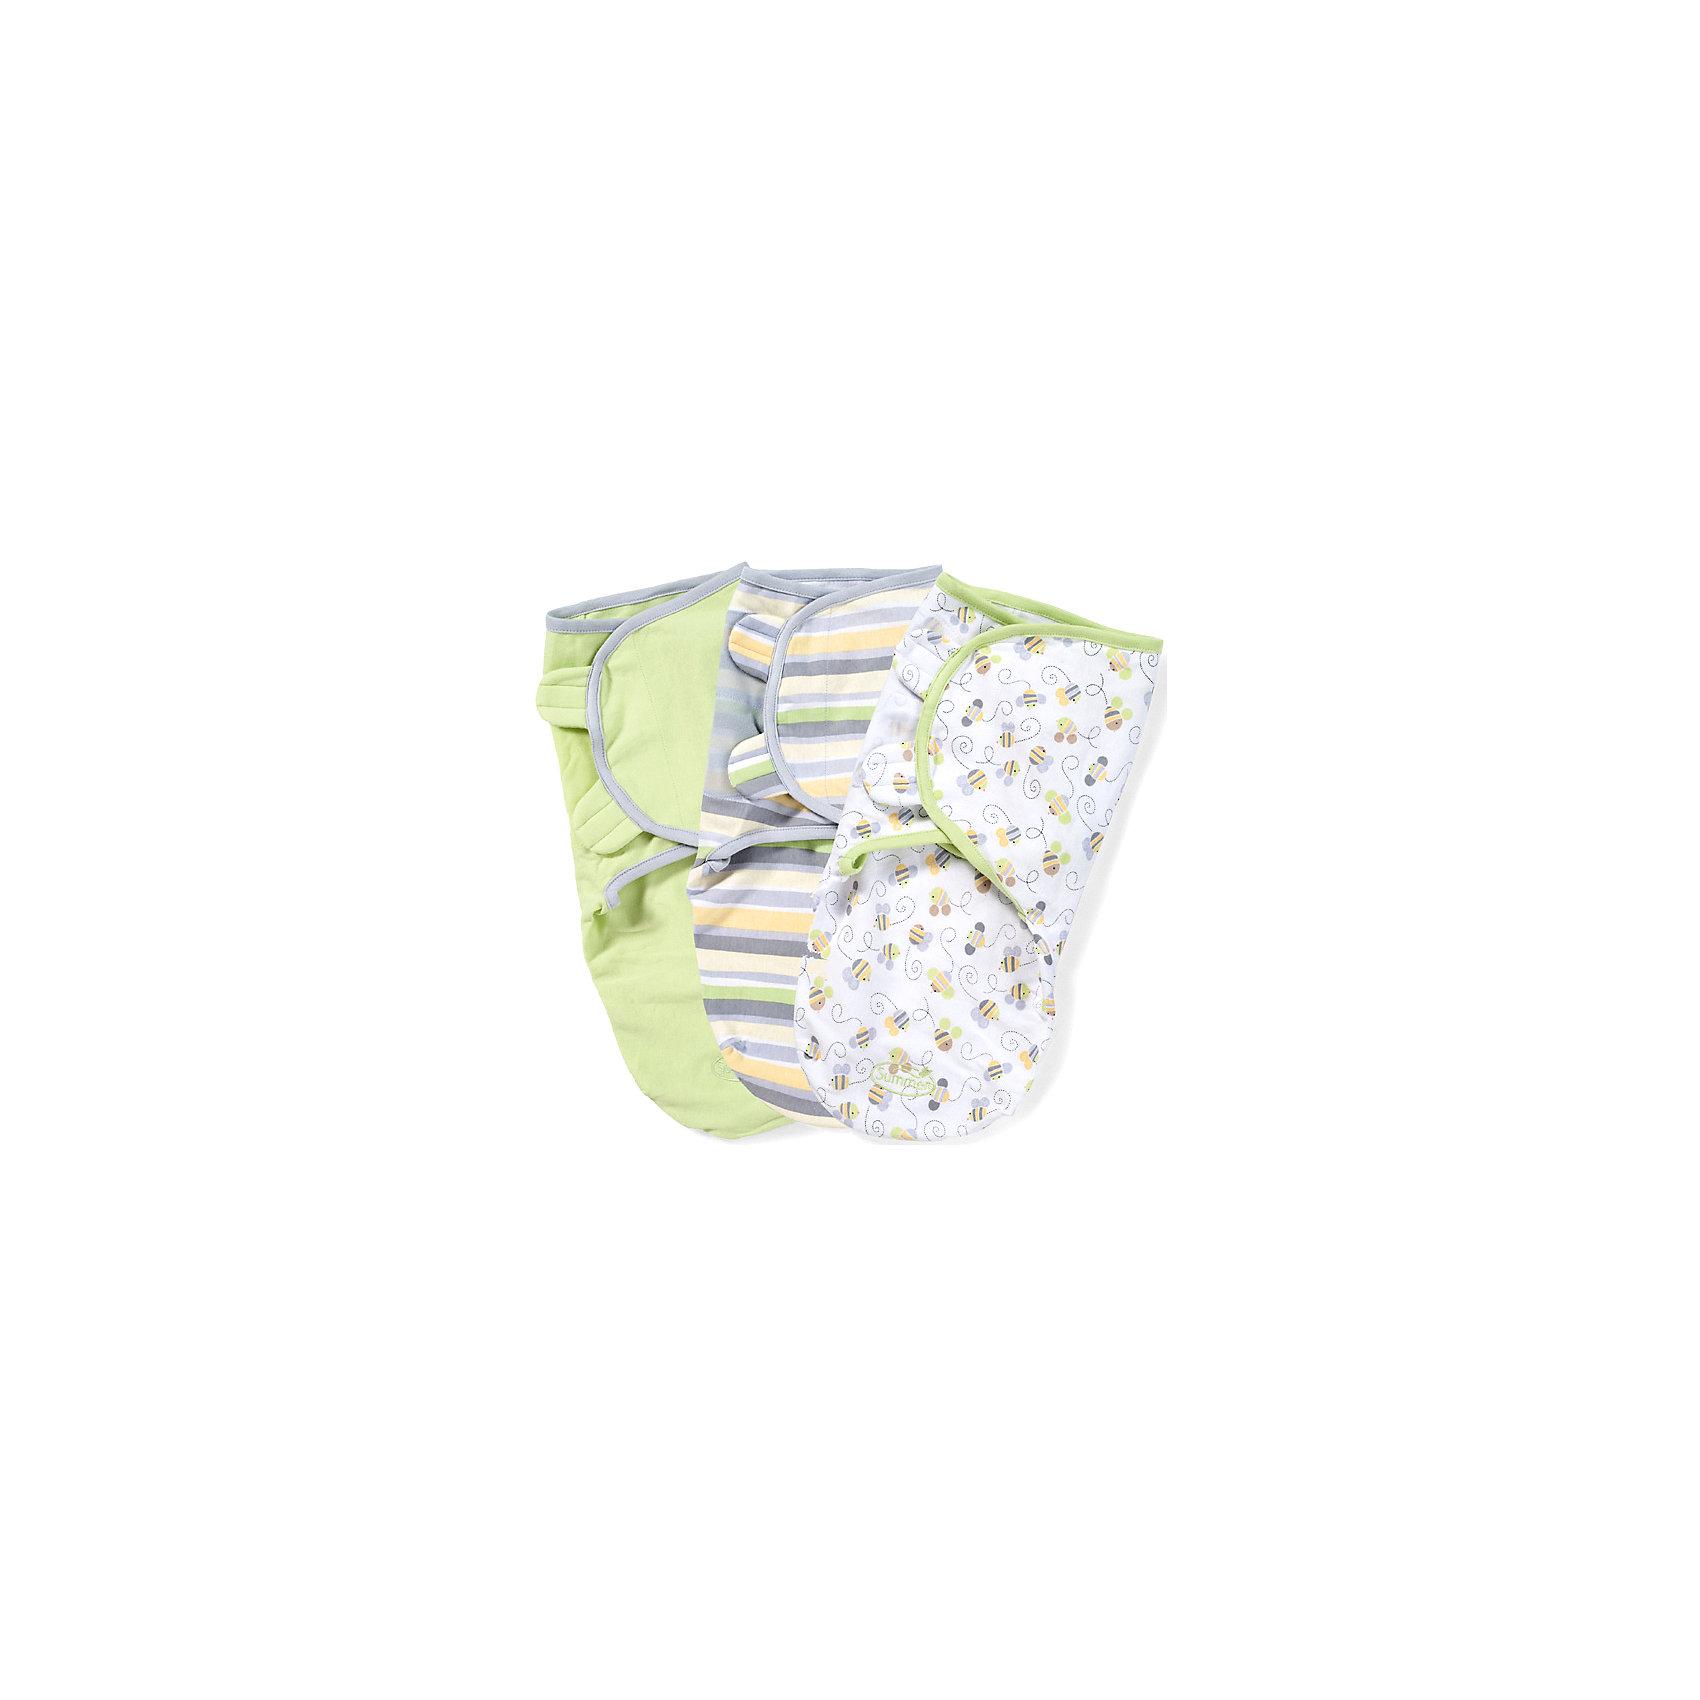 Конверт на липучке SwaddleMe, размер S/M, (3шт), , Summer Infant, нейтральная, пчелкиПеленание<br>Конверт на липучке SwaddleMe, размер S/M, (3шт), Summer Infant (Саммер Инфант), нейтральная, пчелки.<br><br>Характеристики:<br><br>• мягкий конверт<br>• обеспечивает спокойный сон ребенка<br>• регулируемые крылья не позволят ребенку распеленаться<br>• регулируется по мере роста ребенка<br>• можно открыть только нижнюю часть для смены подгузника<br>• подходит для колясок и автокресел<br>• размер: S/M<br>• расцветка: нейтральная, пчелки<br>• состав: хлопок, эластан<br>• длина конверта: 50 см<br>• для детей от 3 до 6 кг<br><br>Конверт на липучке SwaddleMe, Summer Infant подарит крохе комфортный и здоровый сон. Крылья конверта регулируются в зависимости от роста ребенка, что сведет к минимуму возможность распеленаться самостоятельно. Для смены подгузника не обязательно раскрывать конверт полностью, достаточно открыть нижнюю часть.<br><br>Конверт на липучке SwaddleMe, размер S/M, (3шт),, Summer Infant (Саммер Инфант), нейтральная, пчелки вы можете приобрести в нашем интернет-магазине.<br><br>Ширина мм: 30<br>Глубина мм: 200<br>Высота мм: 250<br>Вес г: 300<br>Возраст от месяцев: 0<br>Возраст до месяцев: 3<br>Пол: Унисекс<br>Возраст: Детский<br>SKU: 5089927